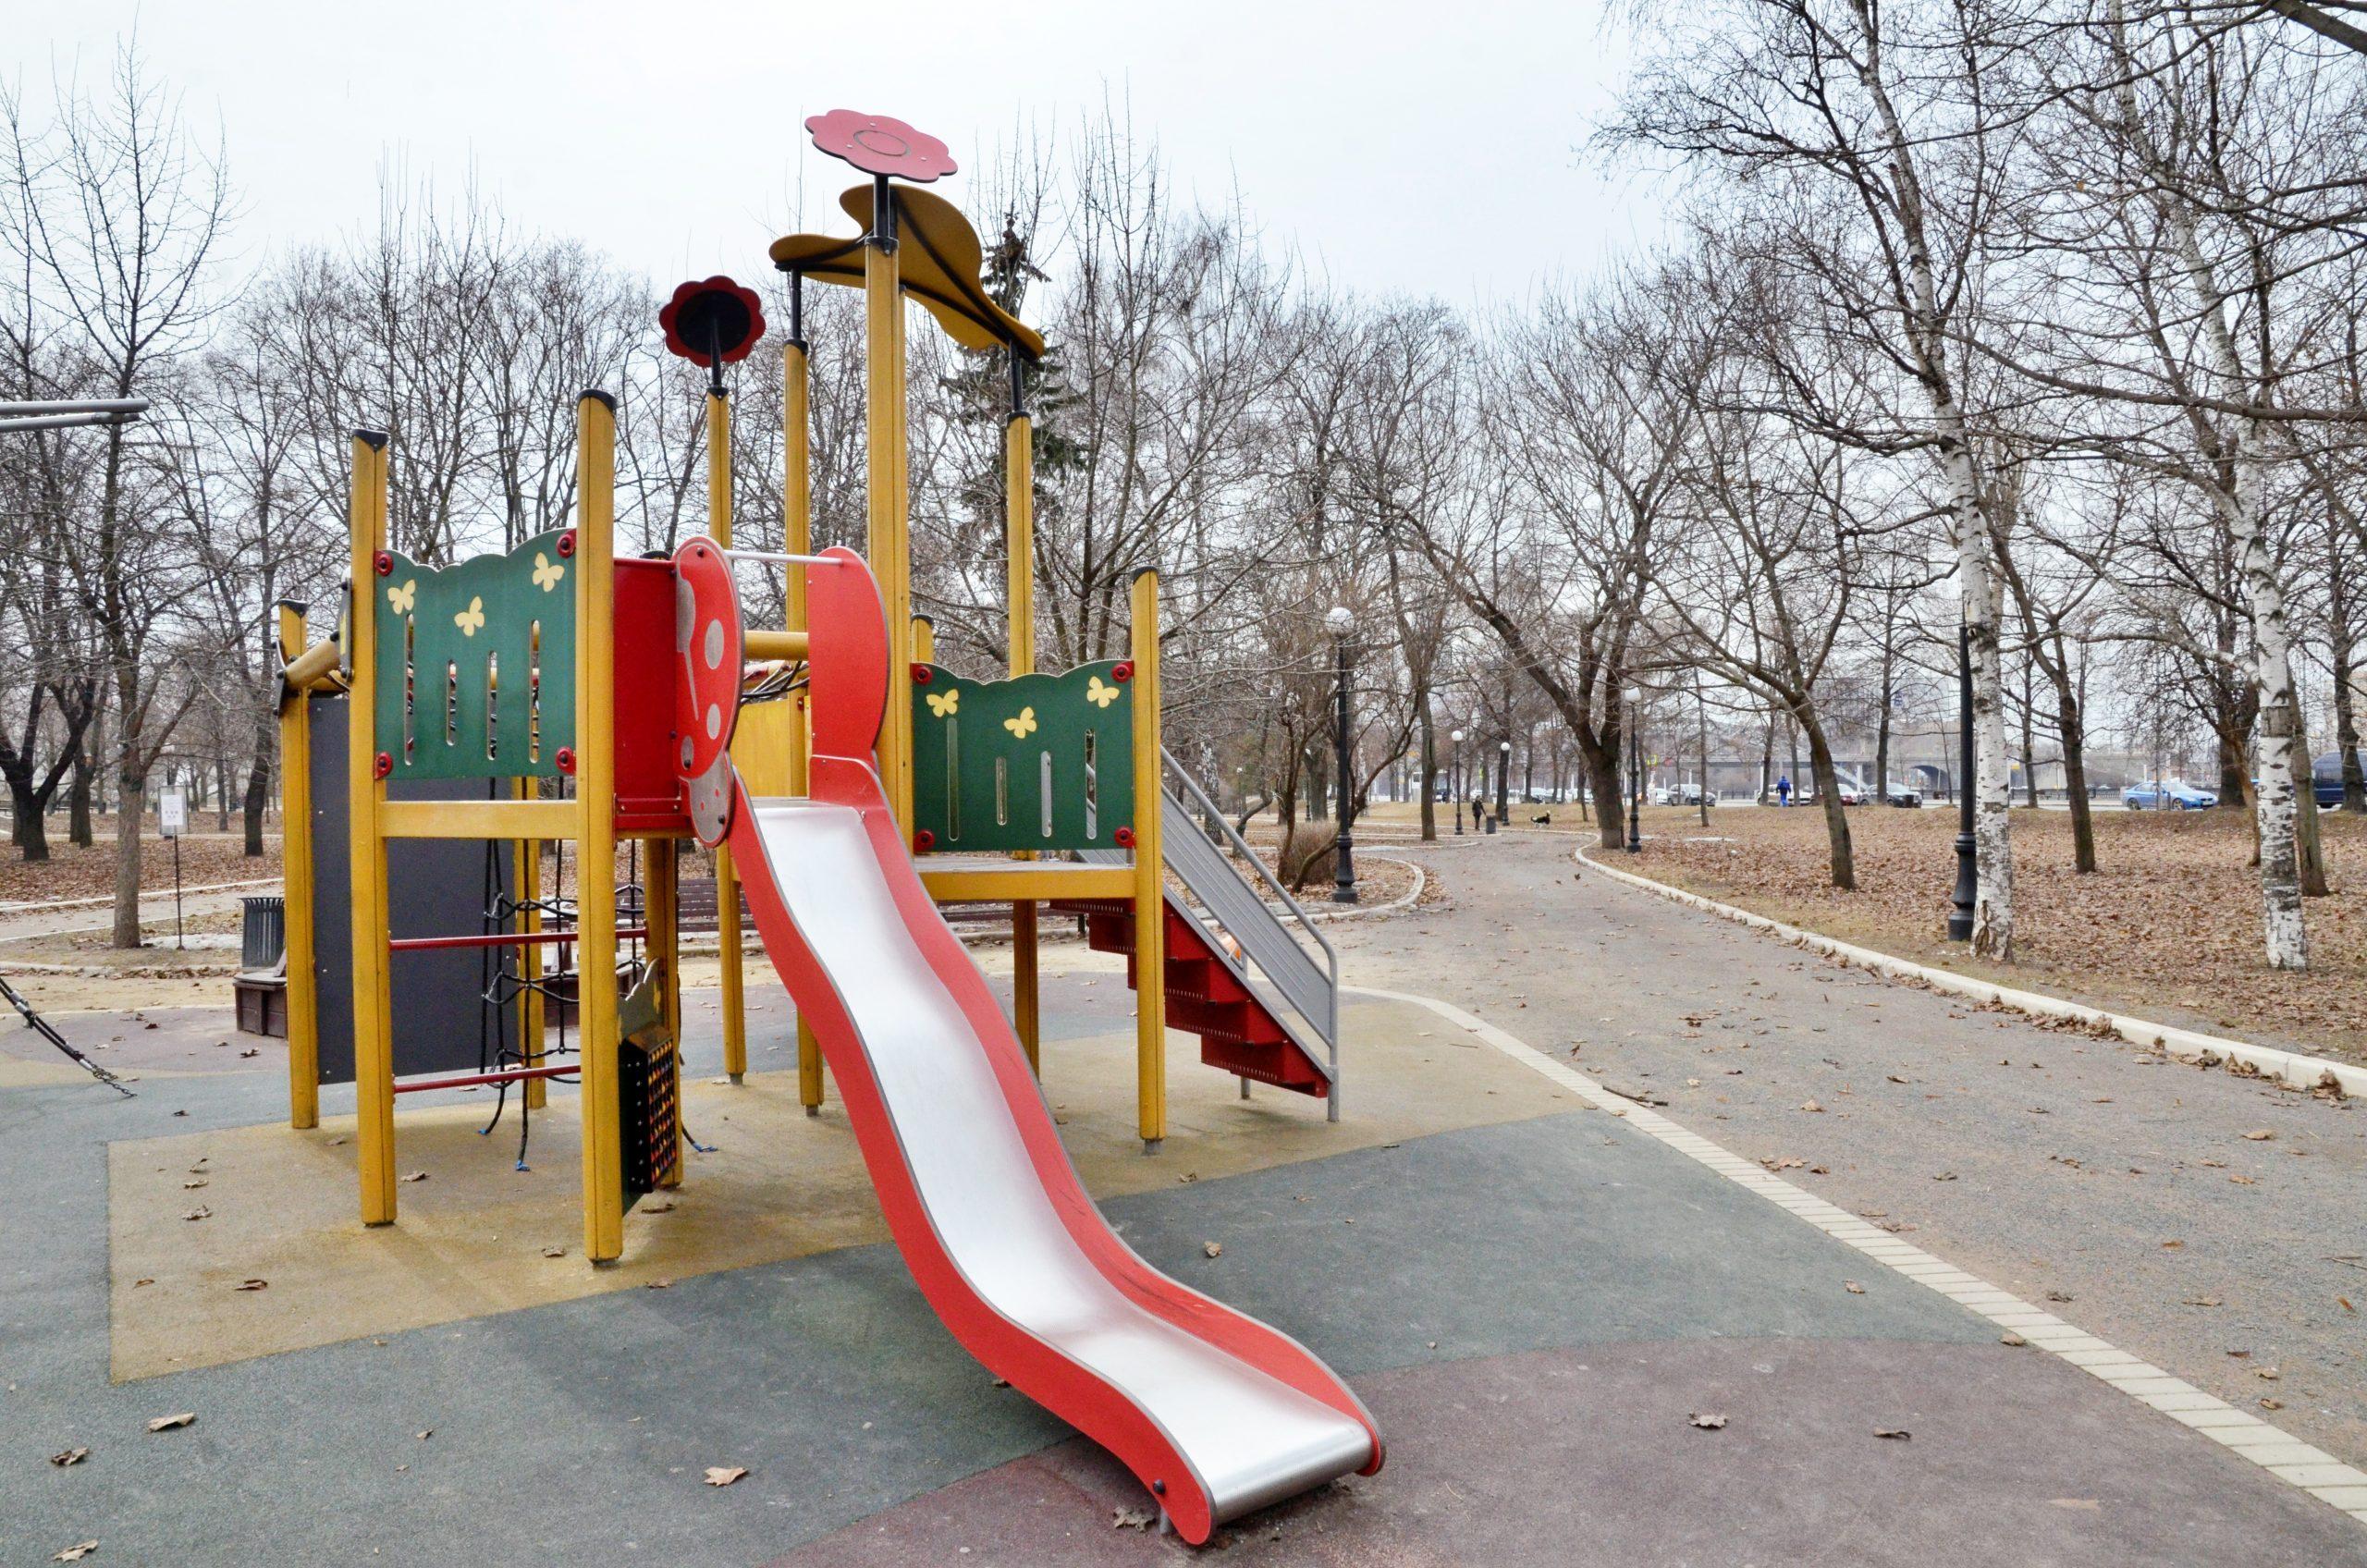 Покраску малых архитектурных форм по некоторым адресам в Замоскворечье скоро завершат. Фото: Анна Быкова